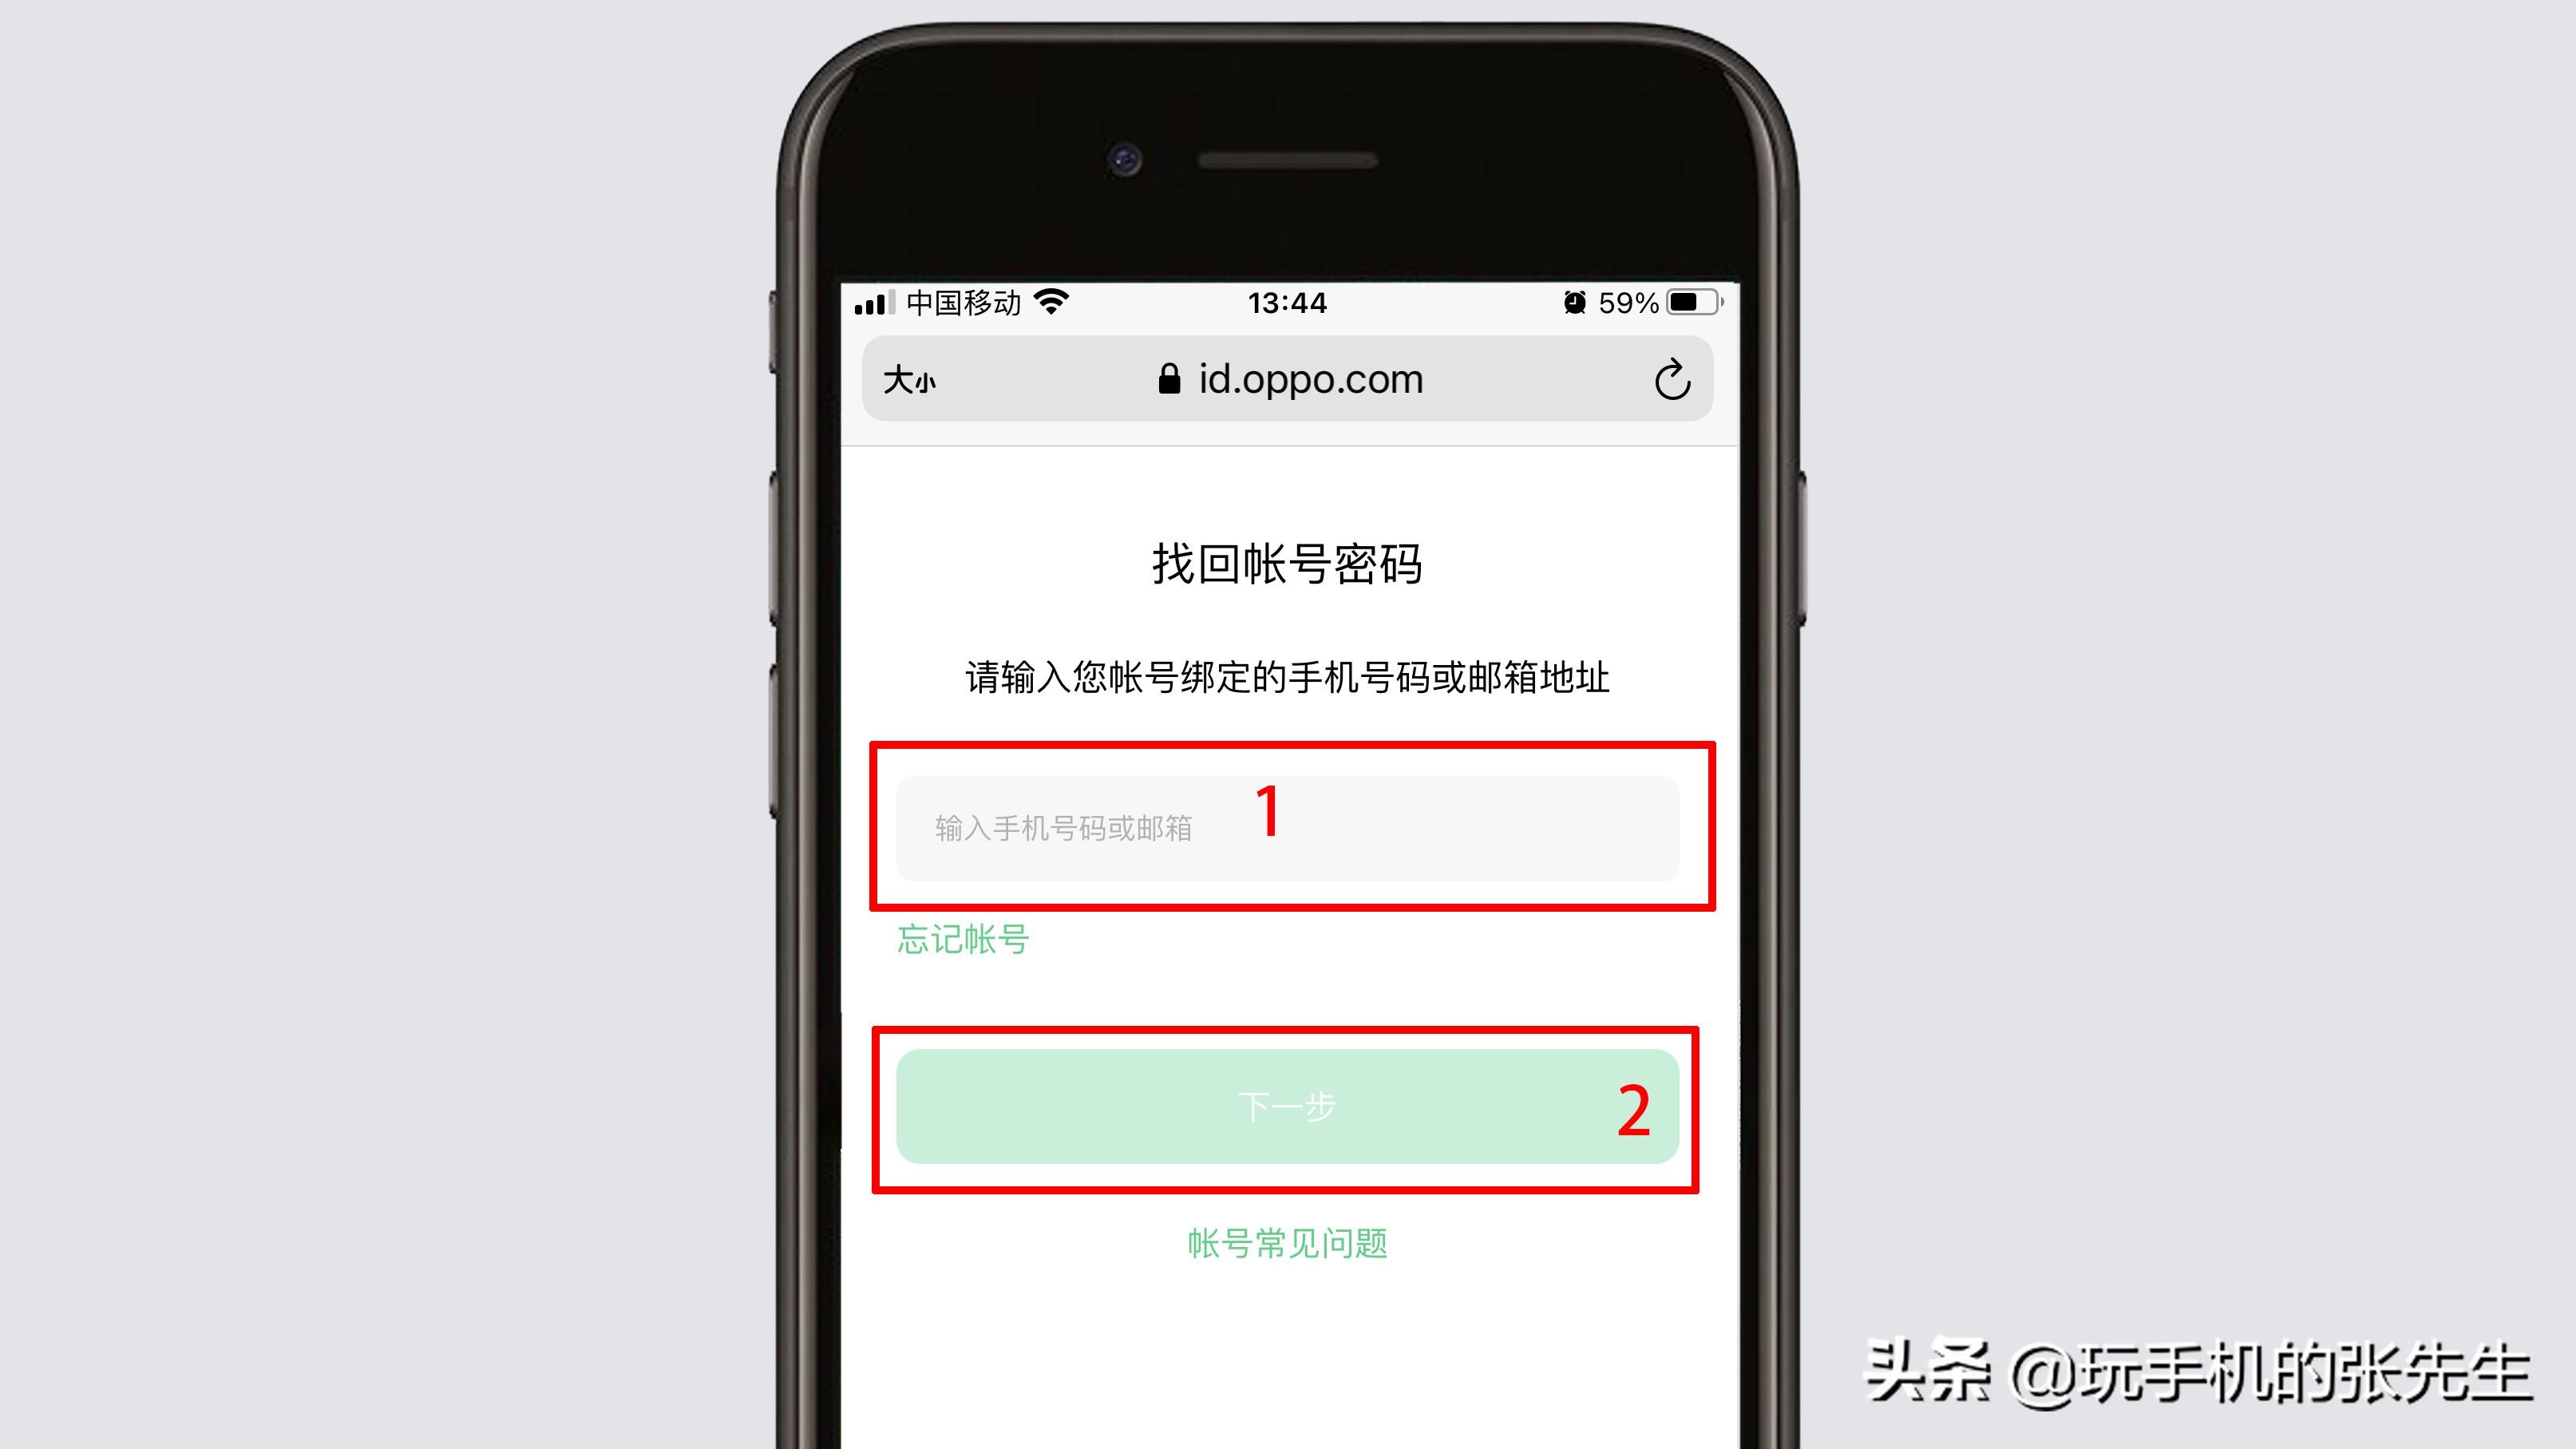 oppo强制解锁还要锁屏密码怎么办(重置账号密码的操作流程)